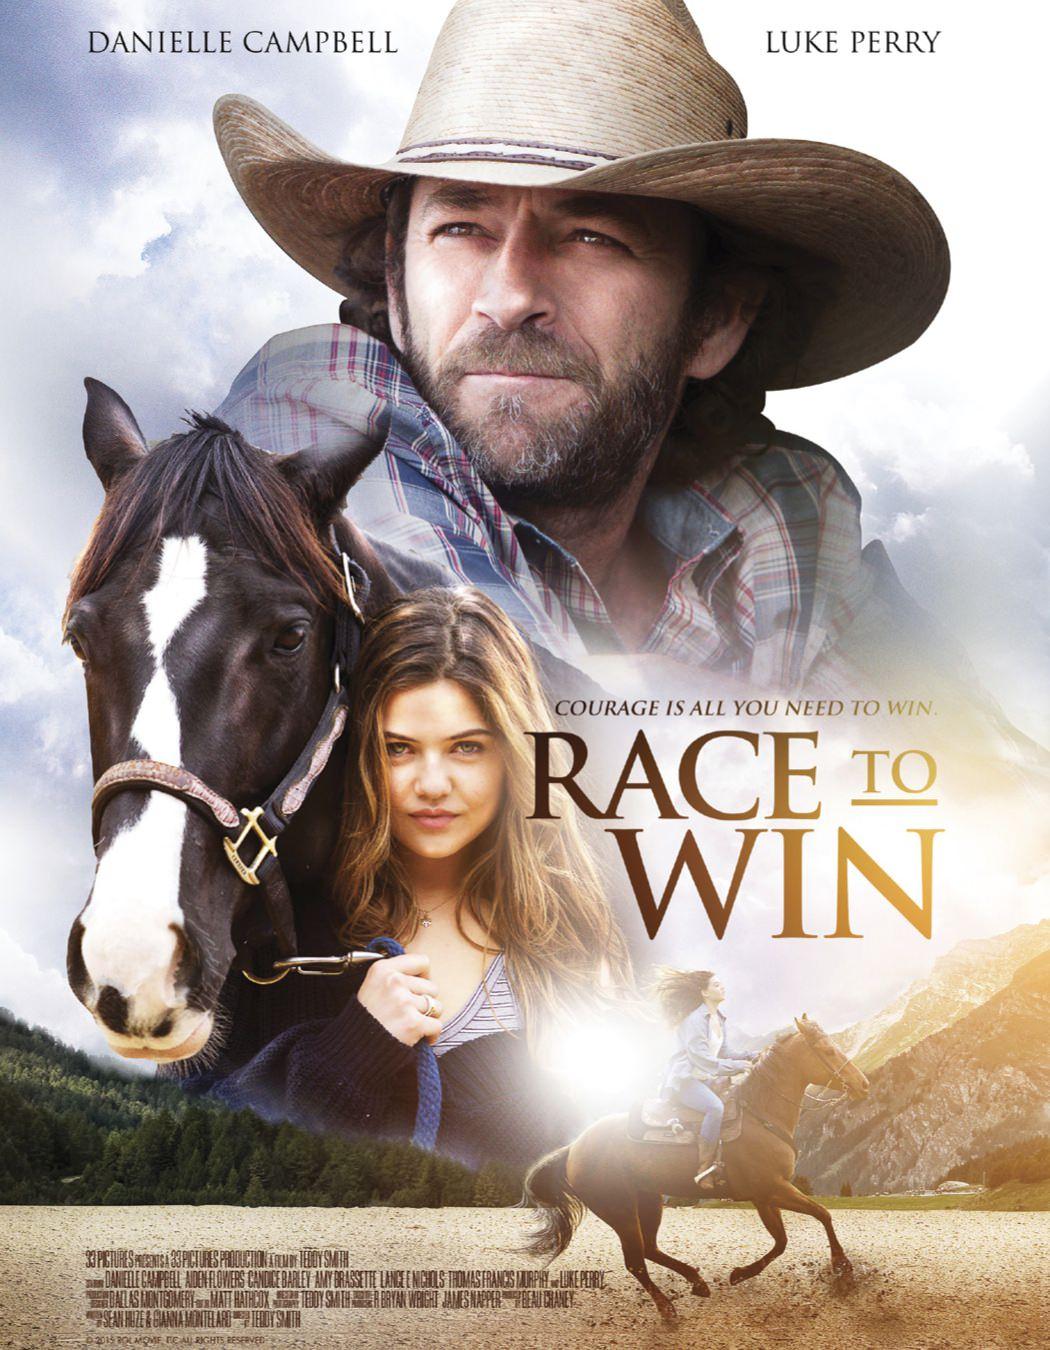 Race to win / Състезание в името на живота (2016)